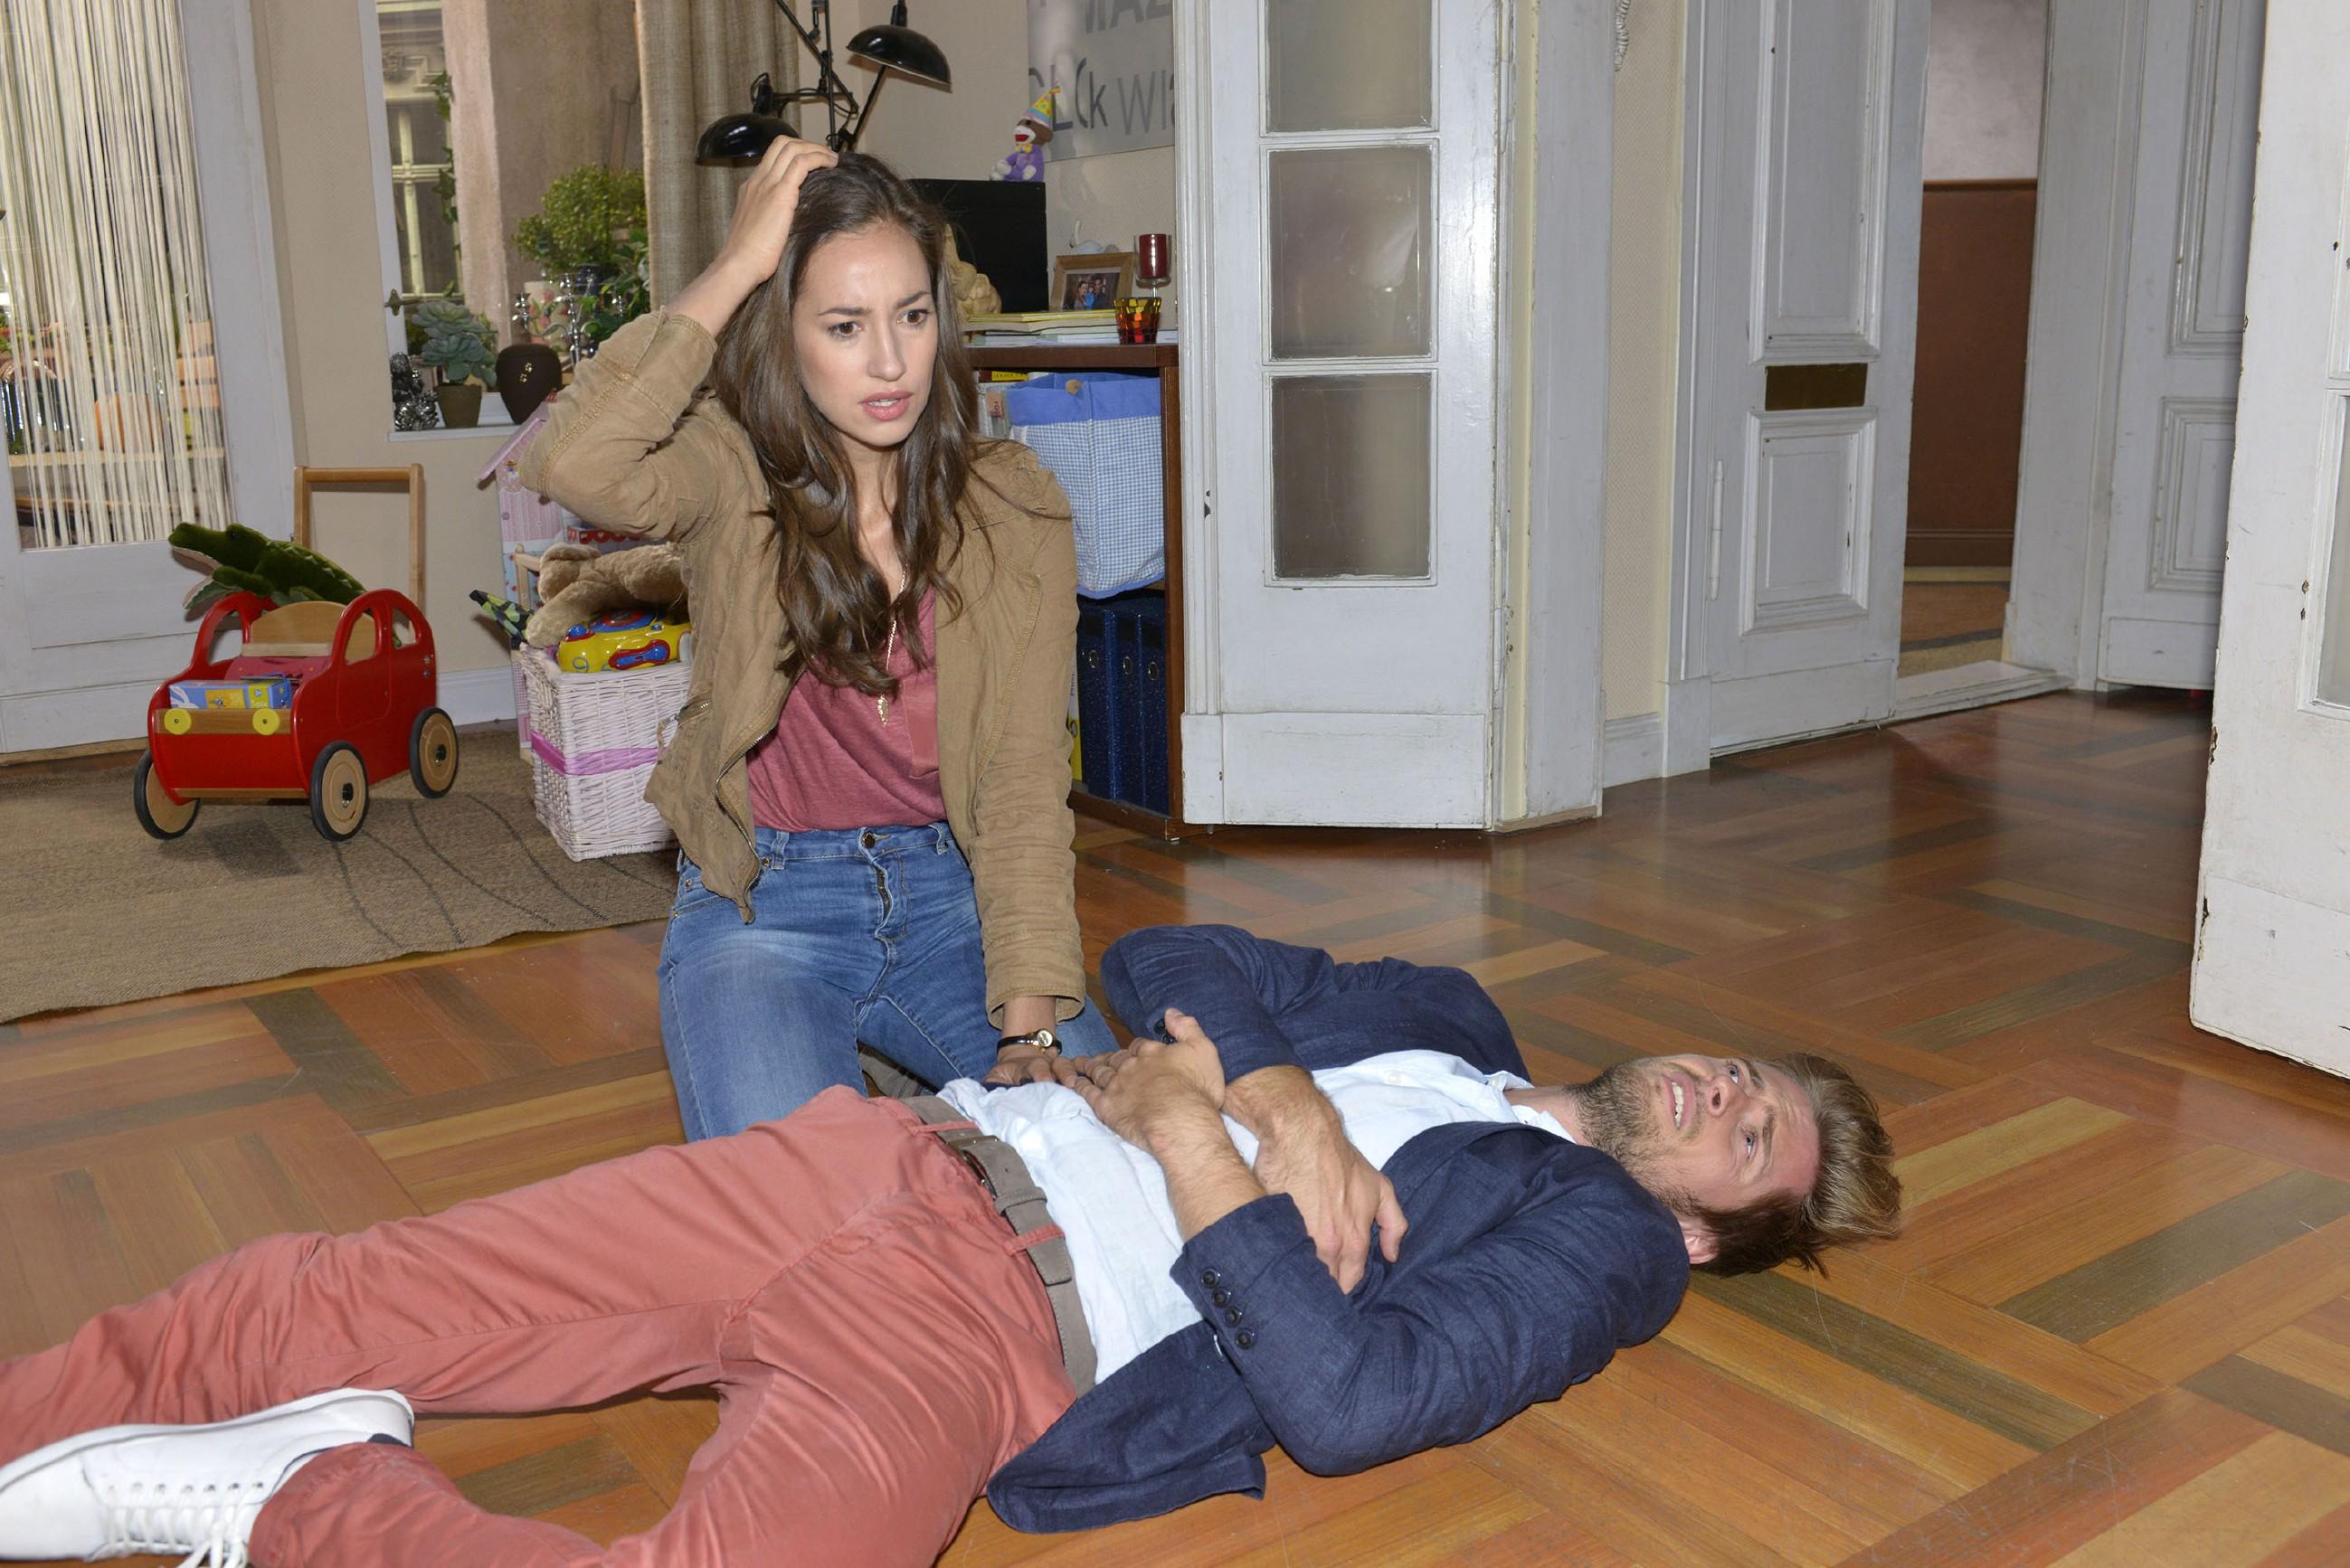 Nach Philips (Jörn Schlönvoigt) schmerzhafter Begegnung mit Kai, der jedoch fliehen konnte, kämpft Elena (Elena Garcia Gerlach) mit ihrem schlechten Gewissen... (Quelle: RTL / Rolf Baumgartner)